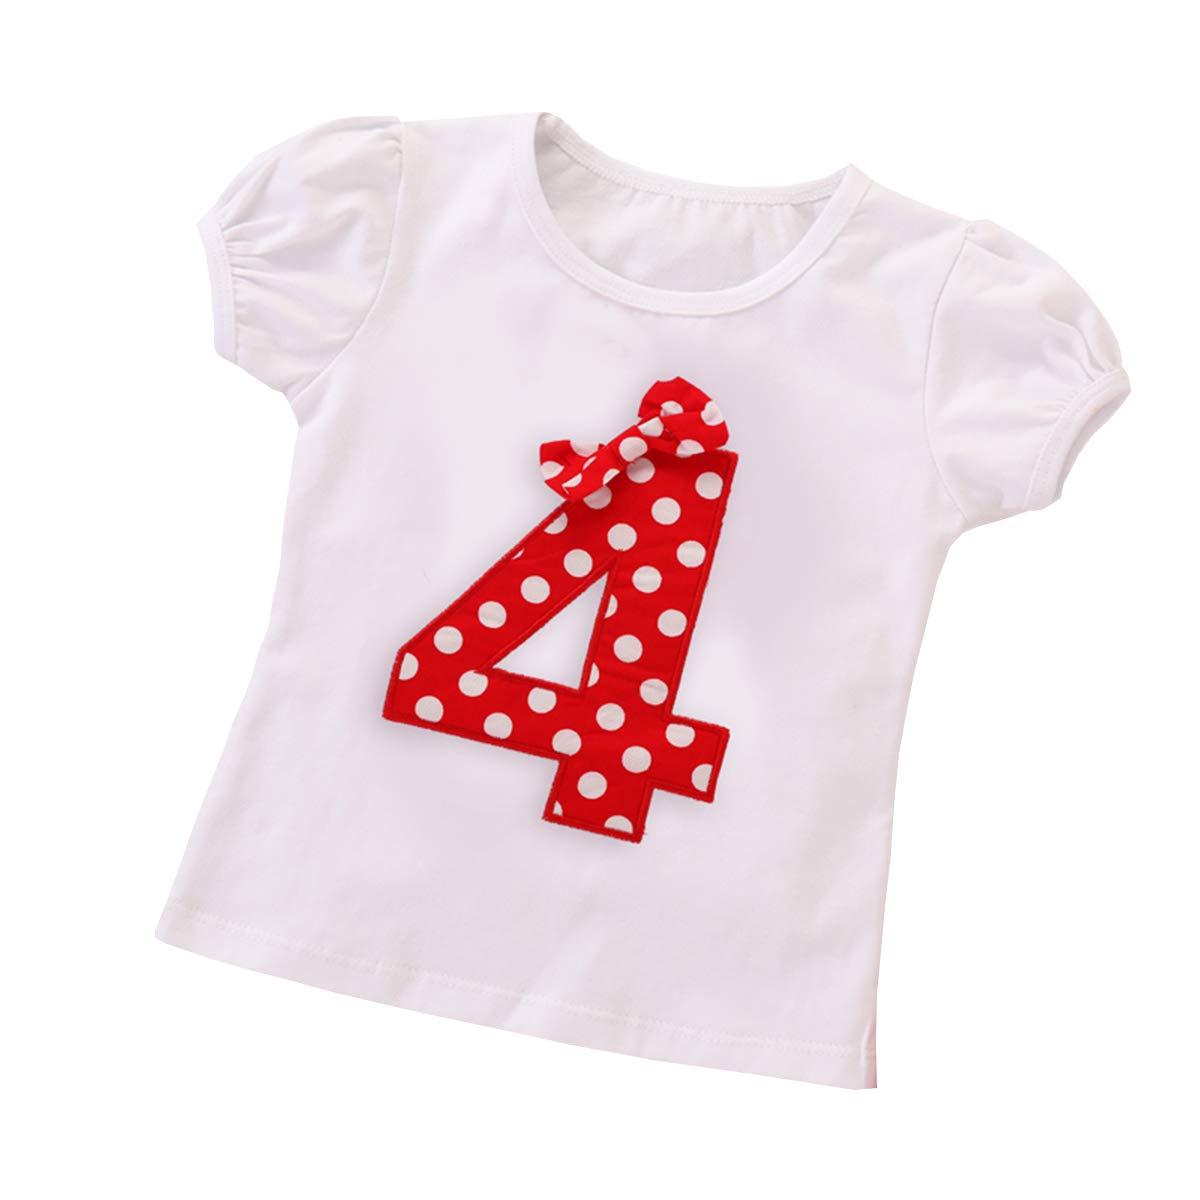 Pois Stampa Pantaloncini Mouse Fascia Completi 3 Pezzi Ragazza Compleanno Festa Abiti Fotografia Tuta Estivo Abbigliamento Set IMEKIS Neonata Bambina Vestito Manica Corta Top T-Shirt